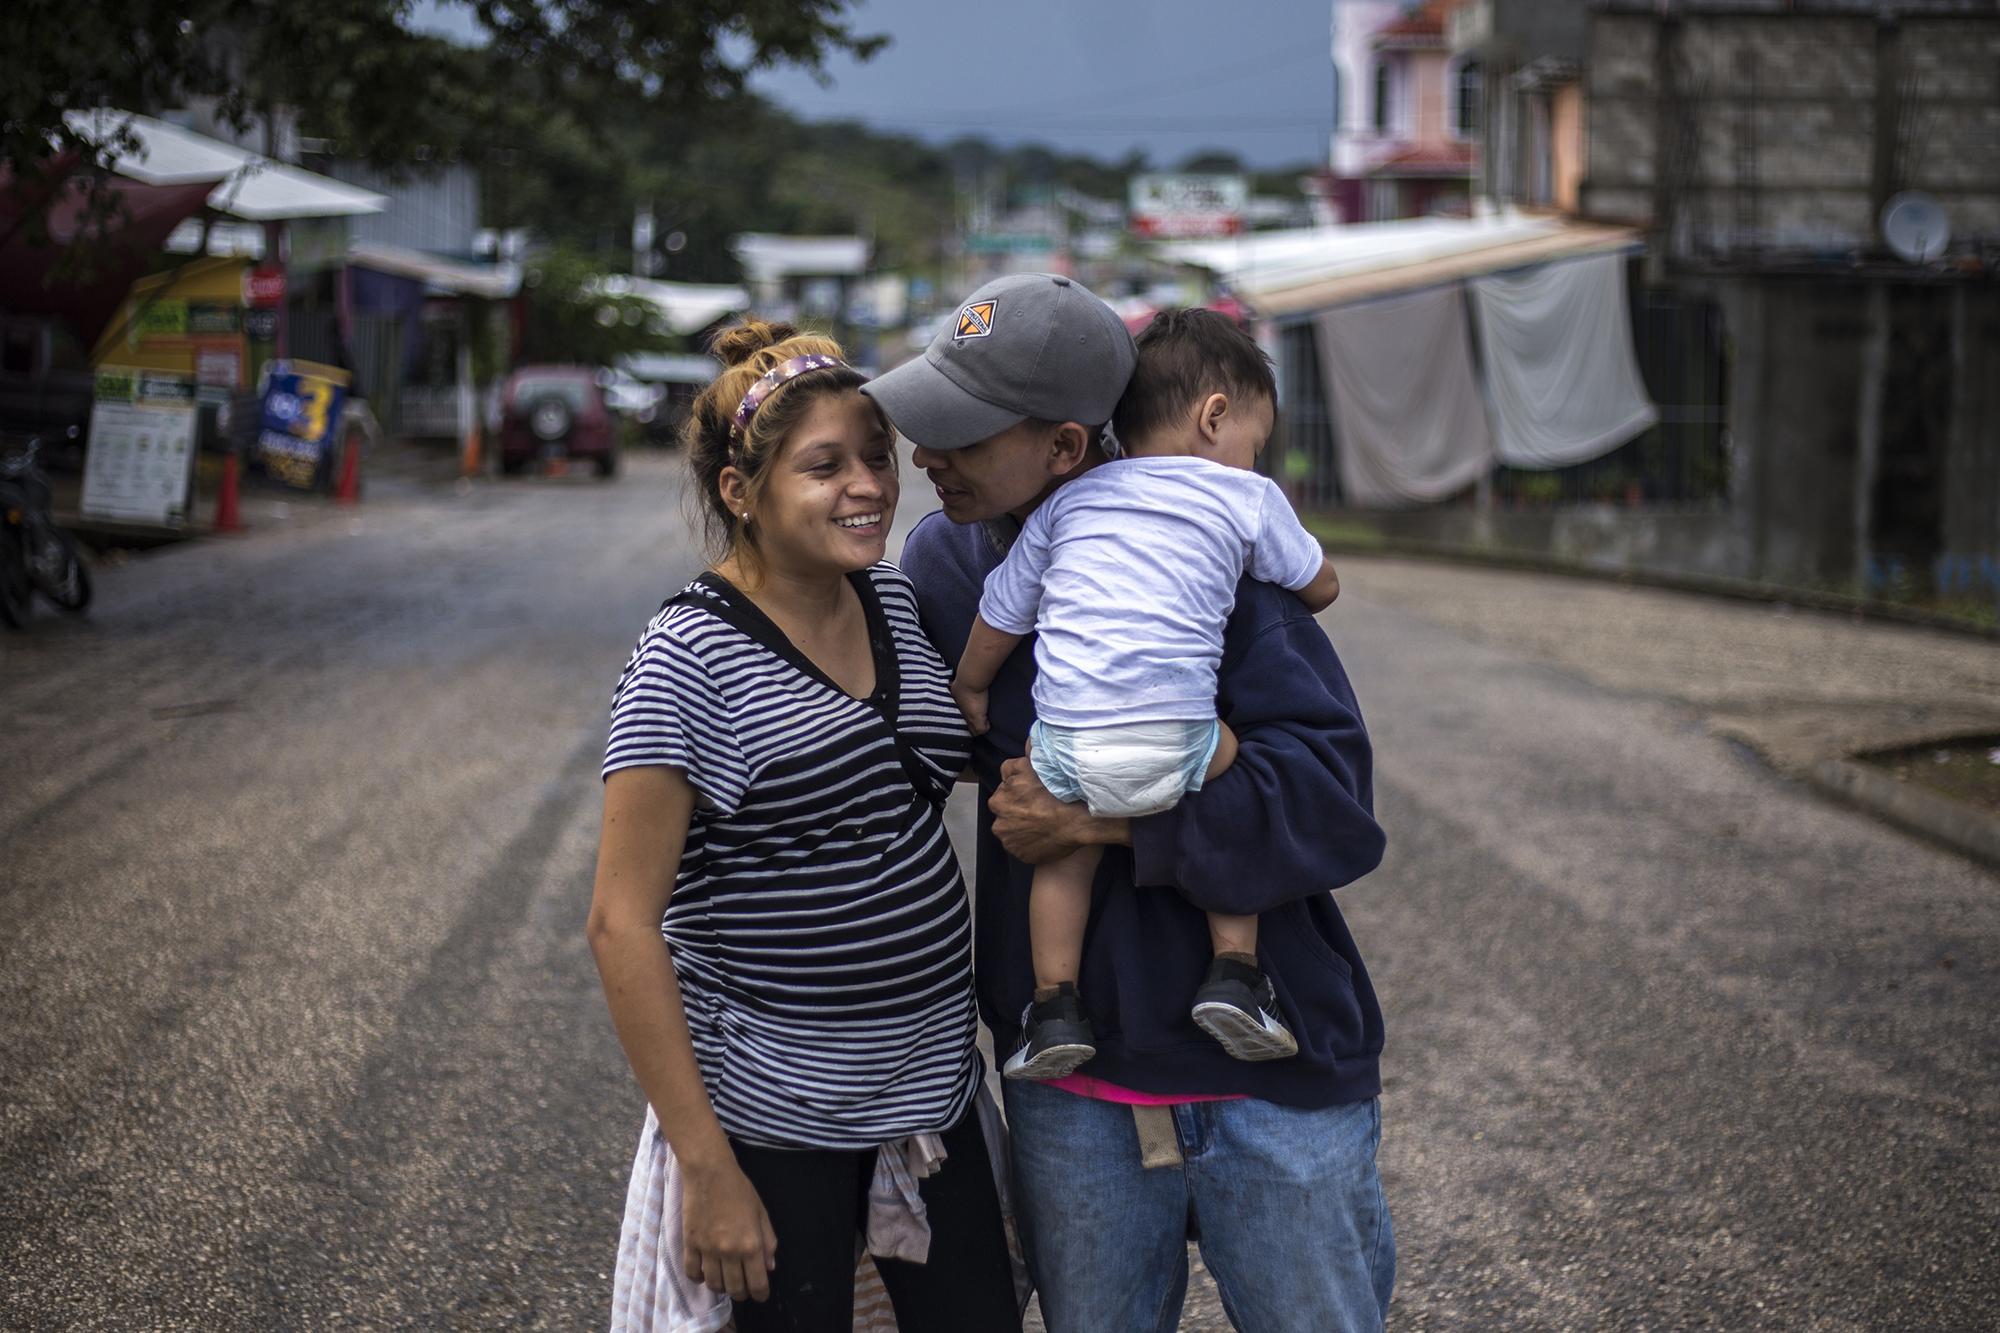 Katheryn y Óscar vendieron todo lo que tenían y huyeron de San Pedro Sula. Ella tiene 17 años. Él, de 19, sostiene al hijo de ambos, de un año. Katheryn está embarazada de nuevo. Foto: Víctor Peña